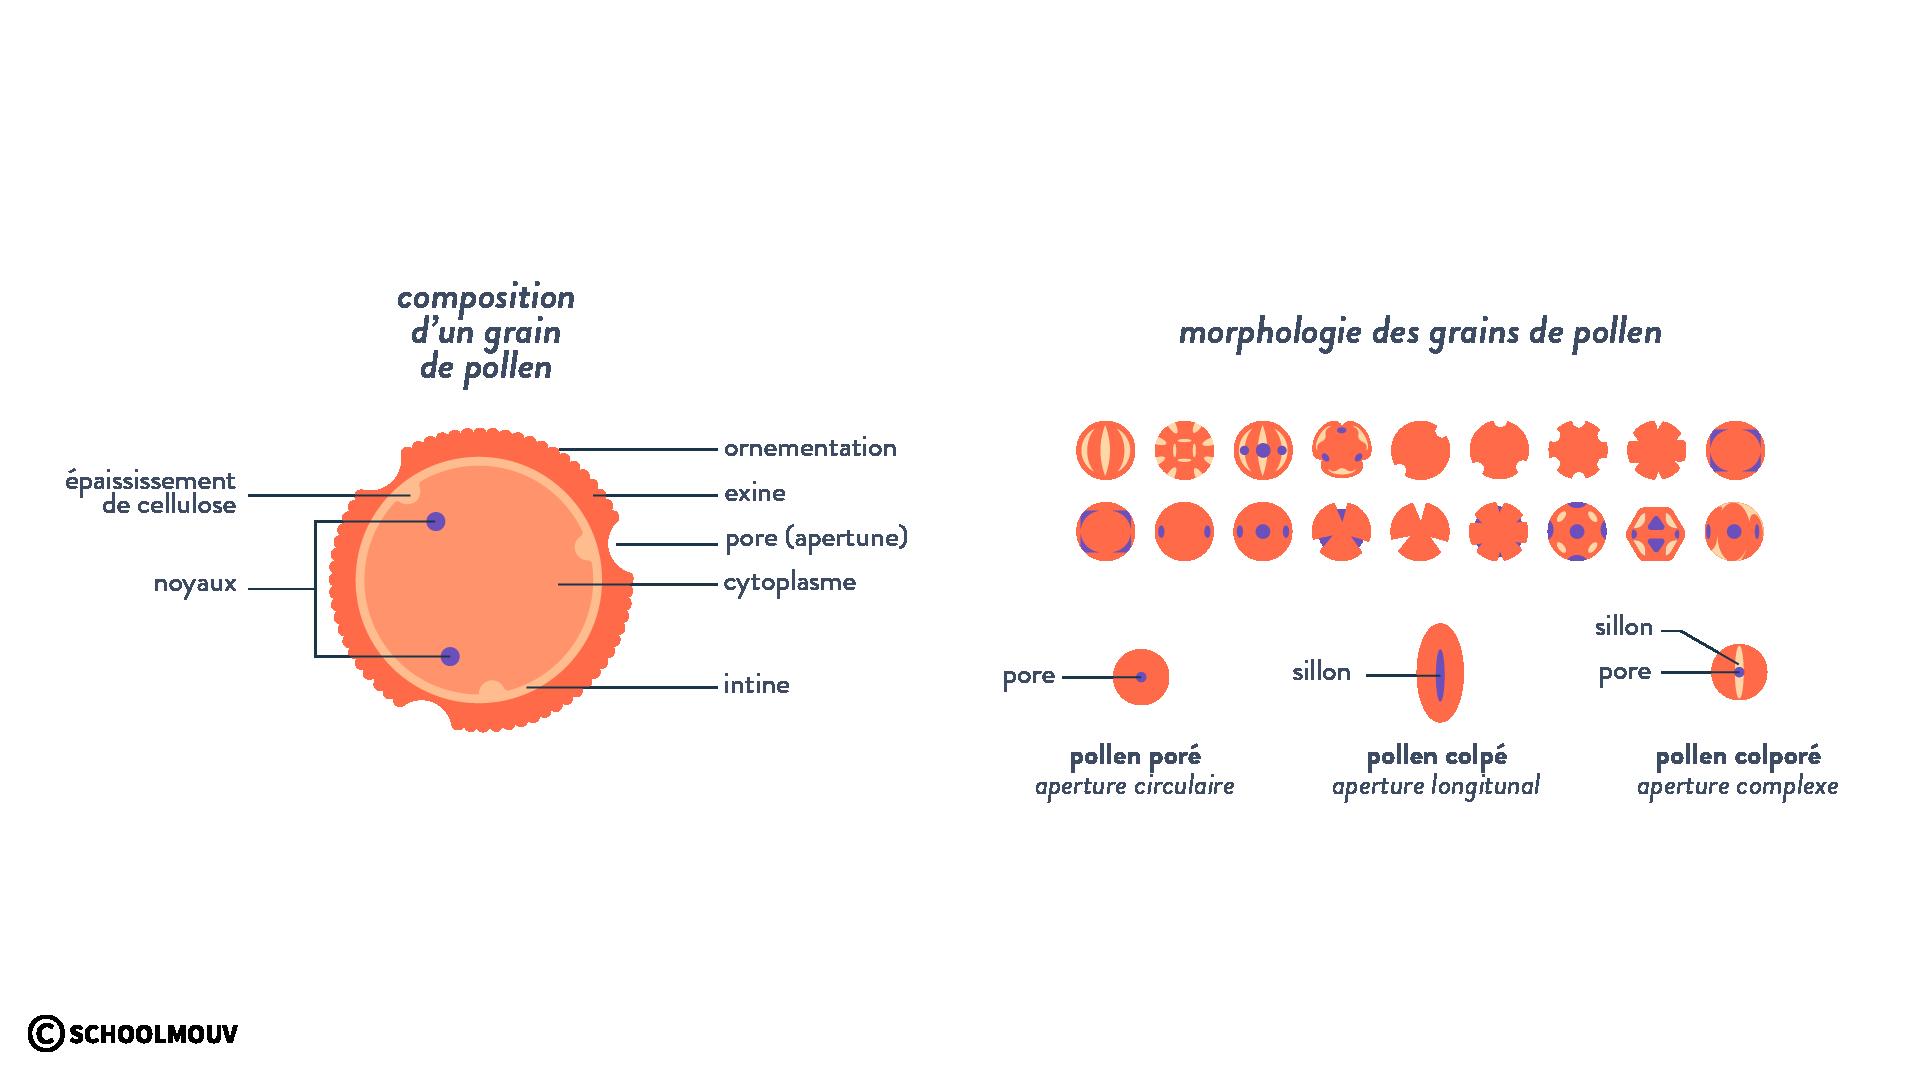 Schéma grain de pollen et morphologies